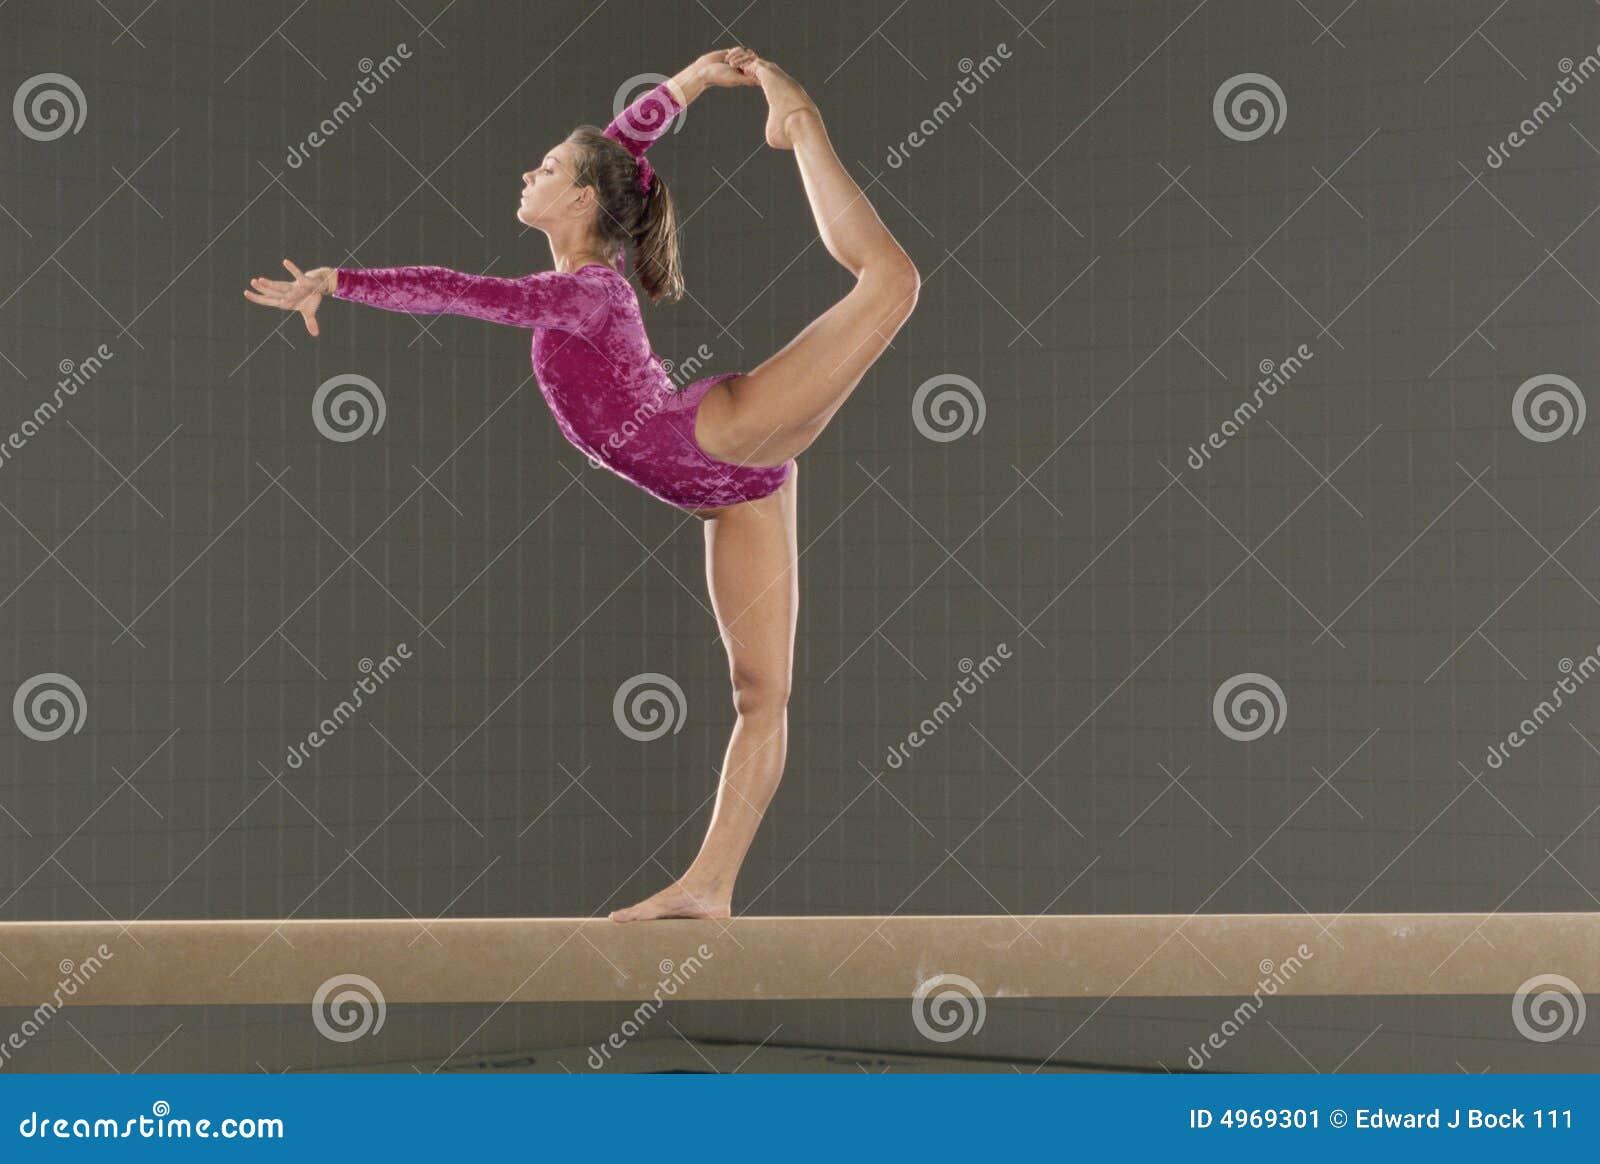 Young gymnast on balance beam